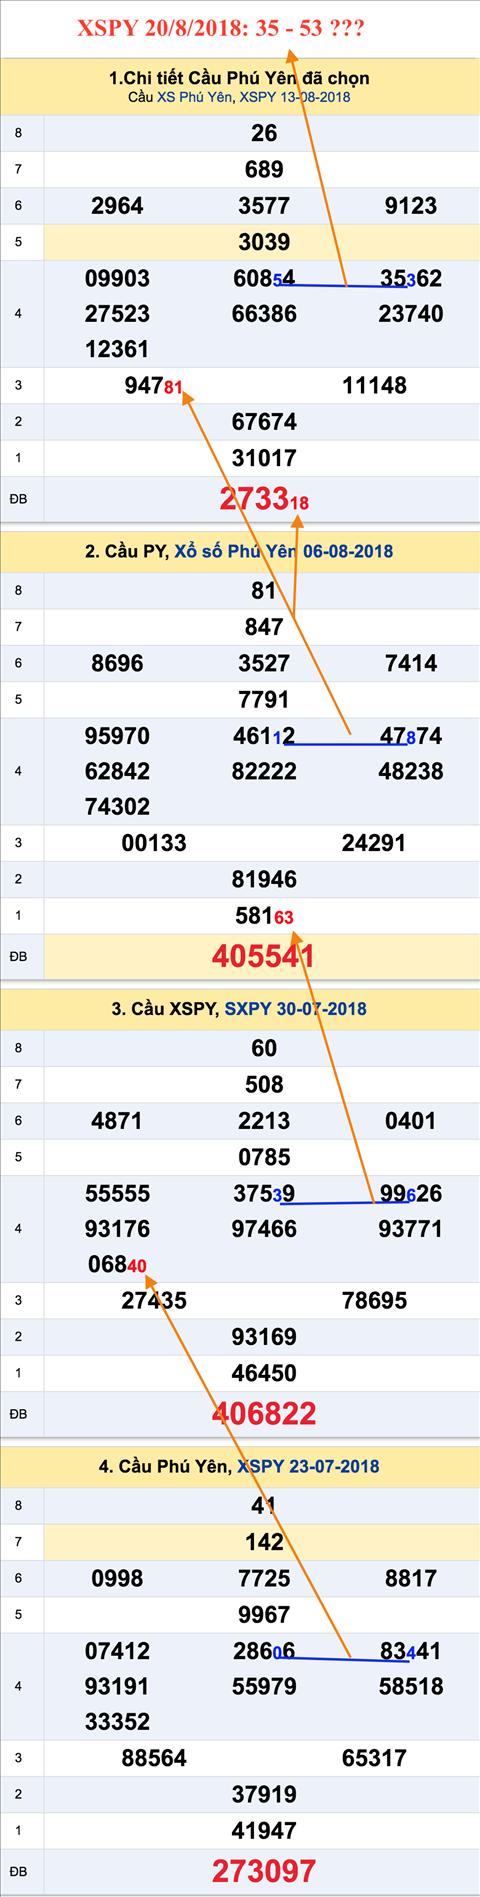 Thống kê XSMT 20/8/2018 Phân tích KQXSMT thứ 2 hôm nay